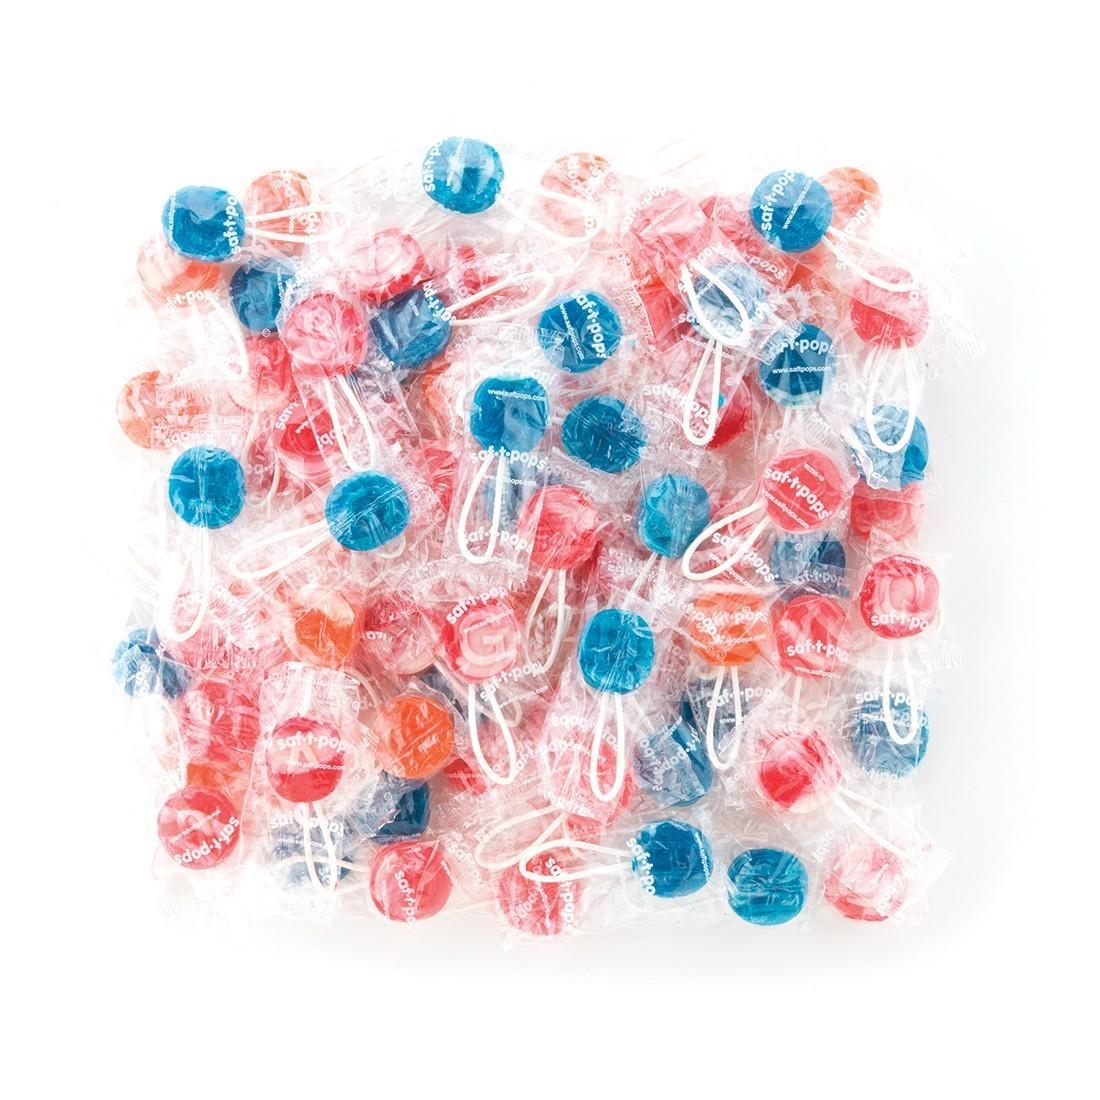 Bulk Saf-T-Pops® Swirl Lollipops [image]